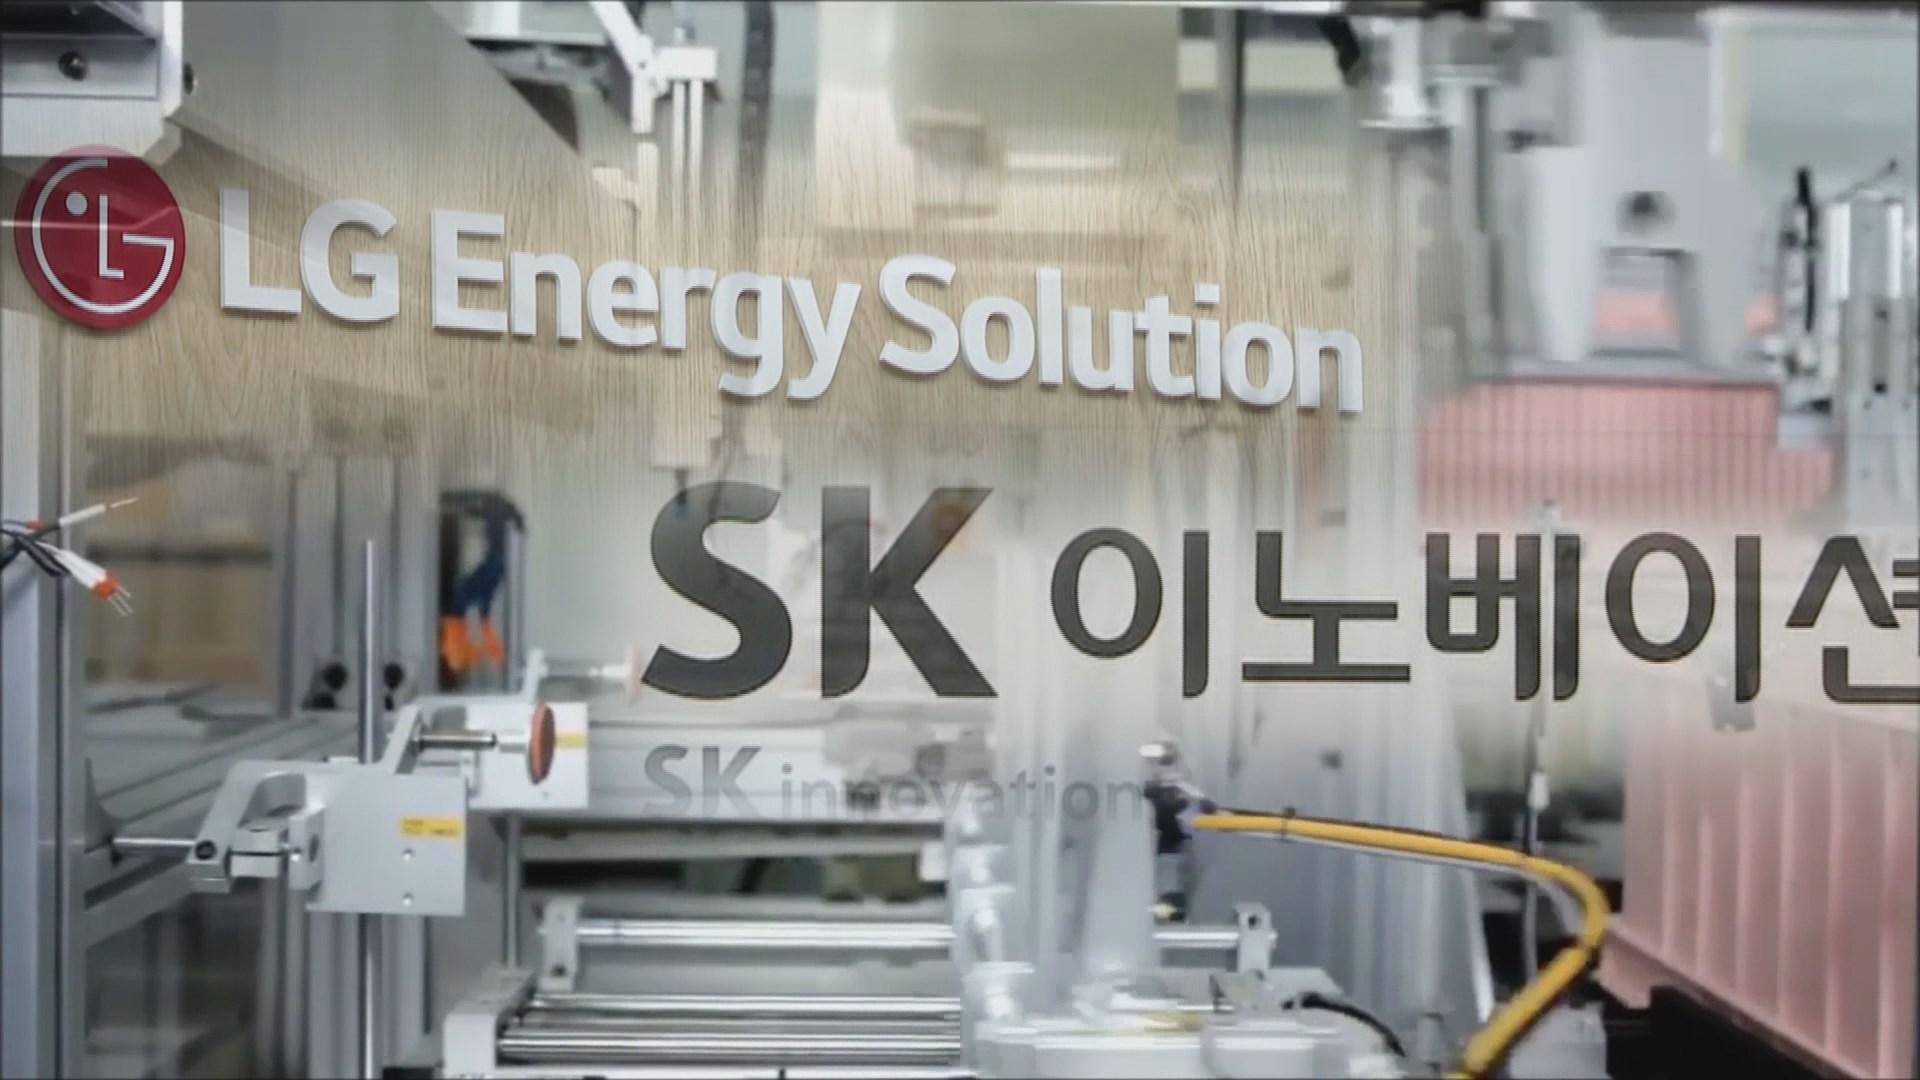 바이든 거부권 시한 임박…LG-SK 배터리 대립 장기화?